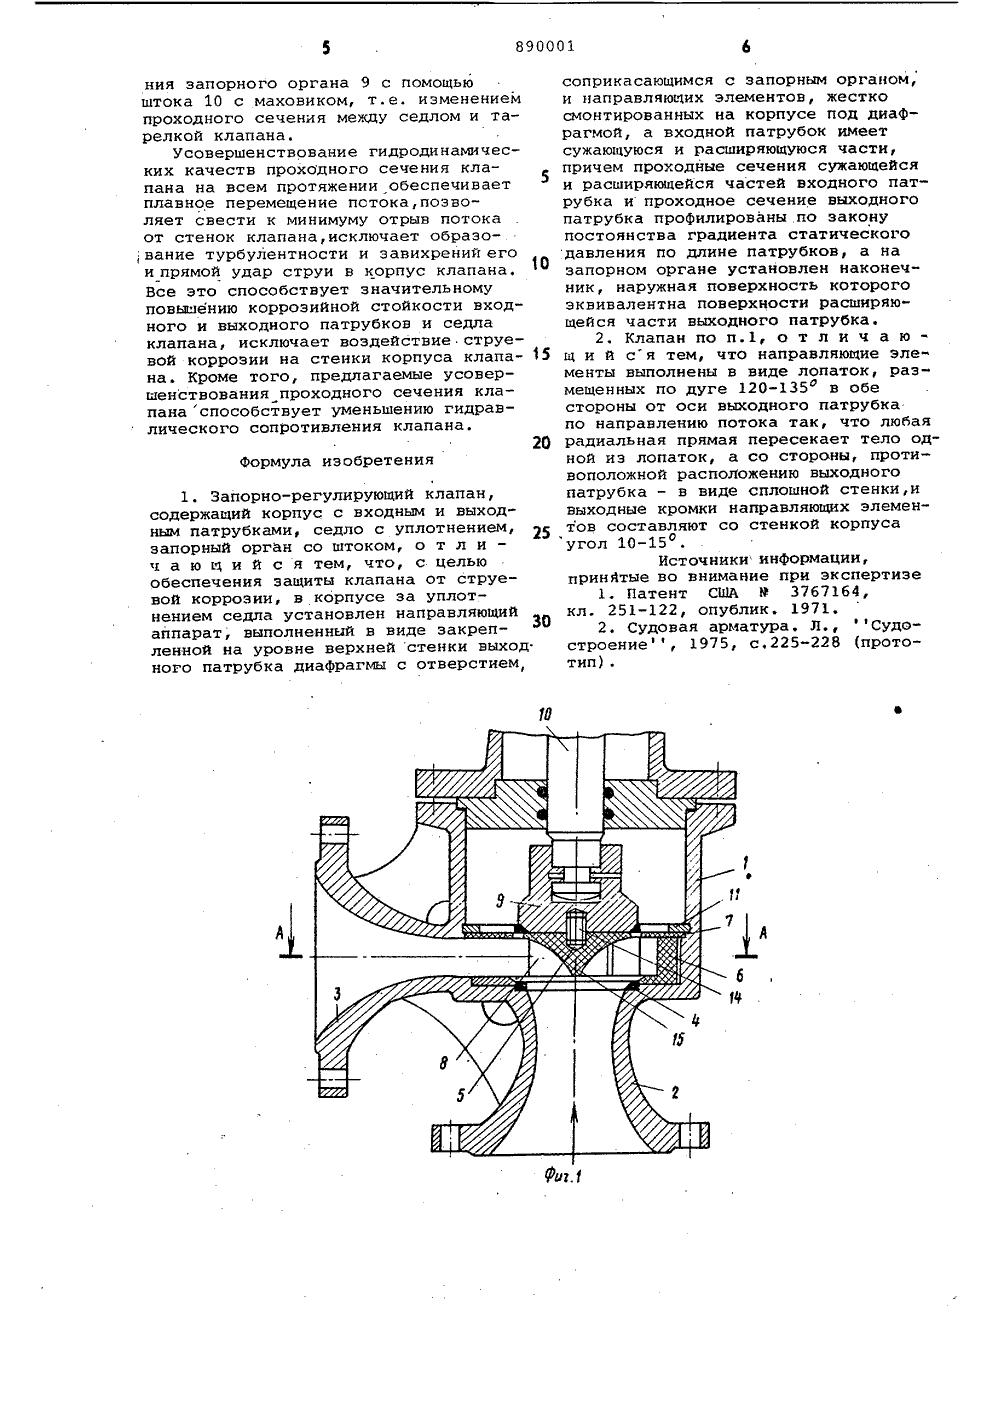 Реферат запорно регулирующей арматуры 8 фотография